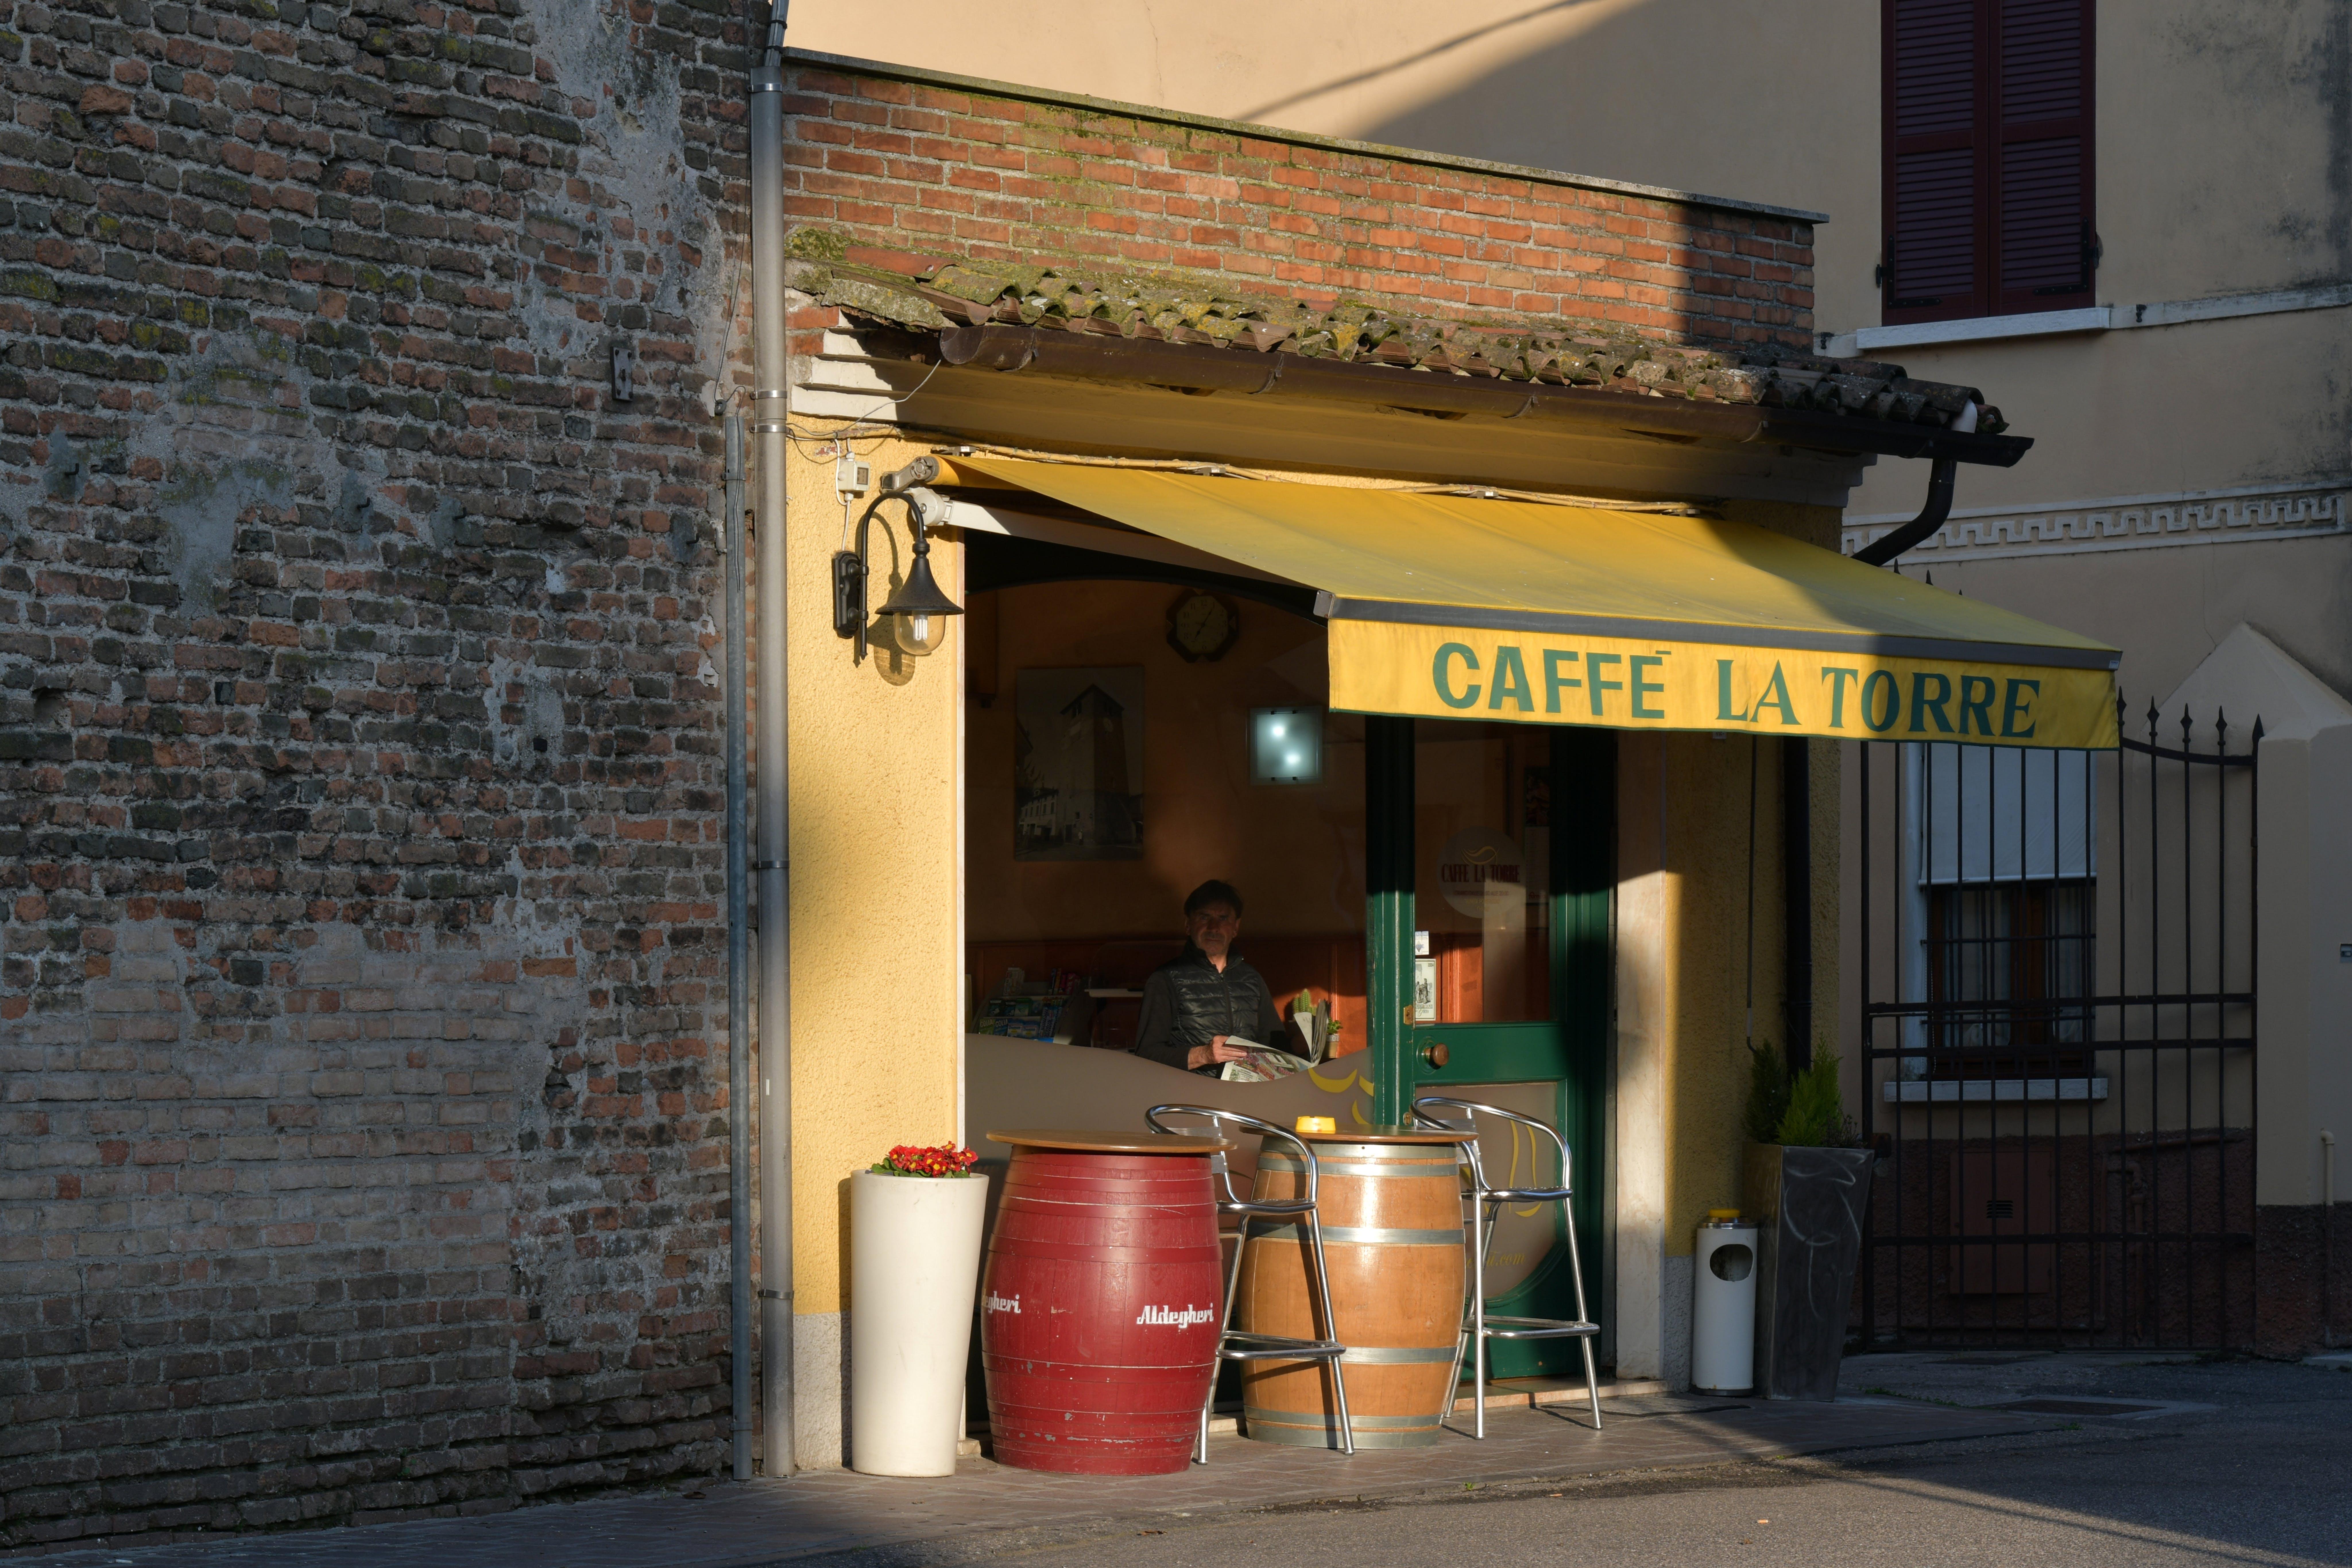 Foto d'estoc gratuïta de cafè, Itàlia